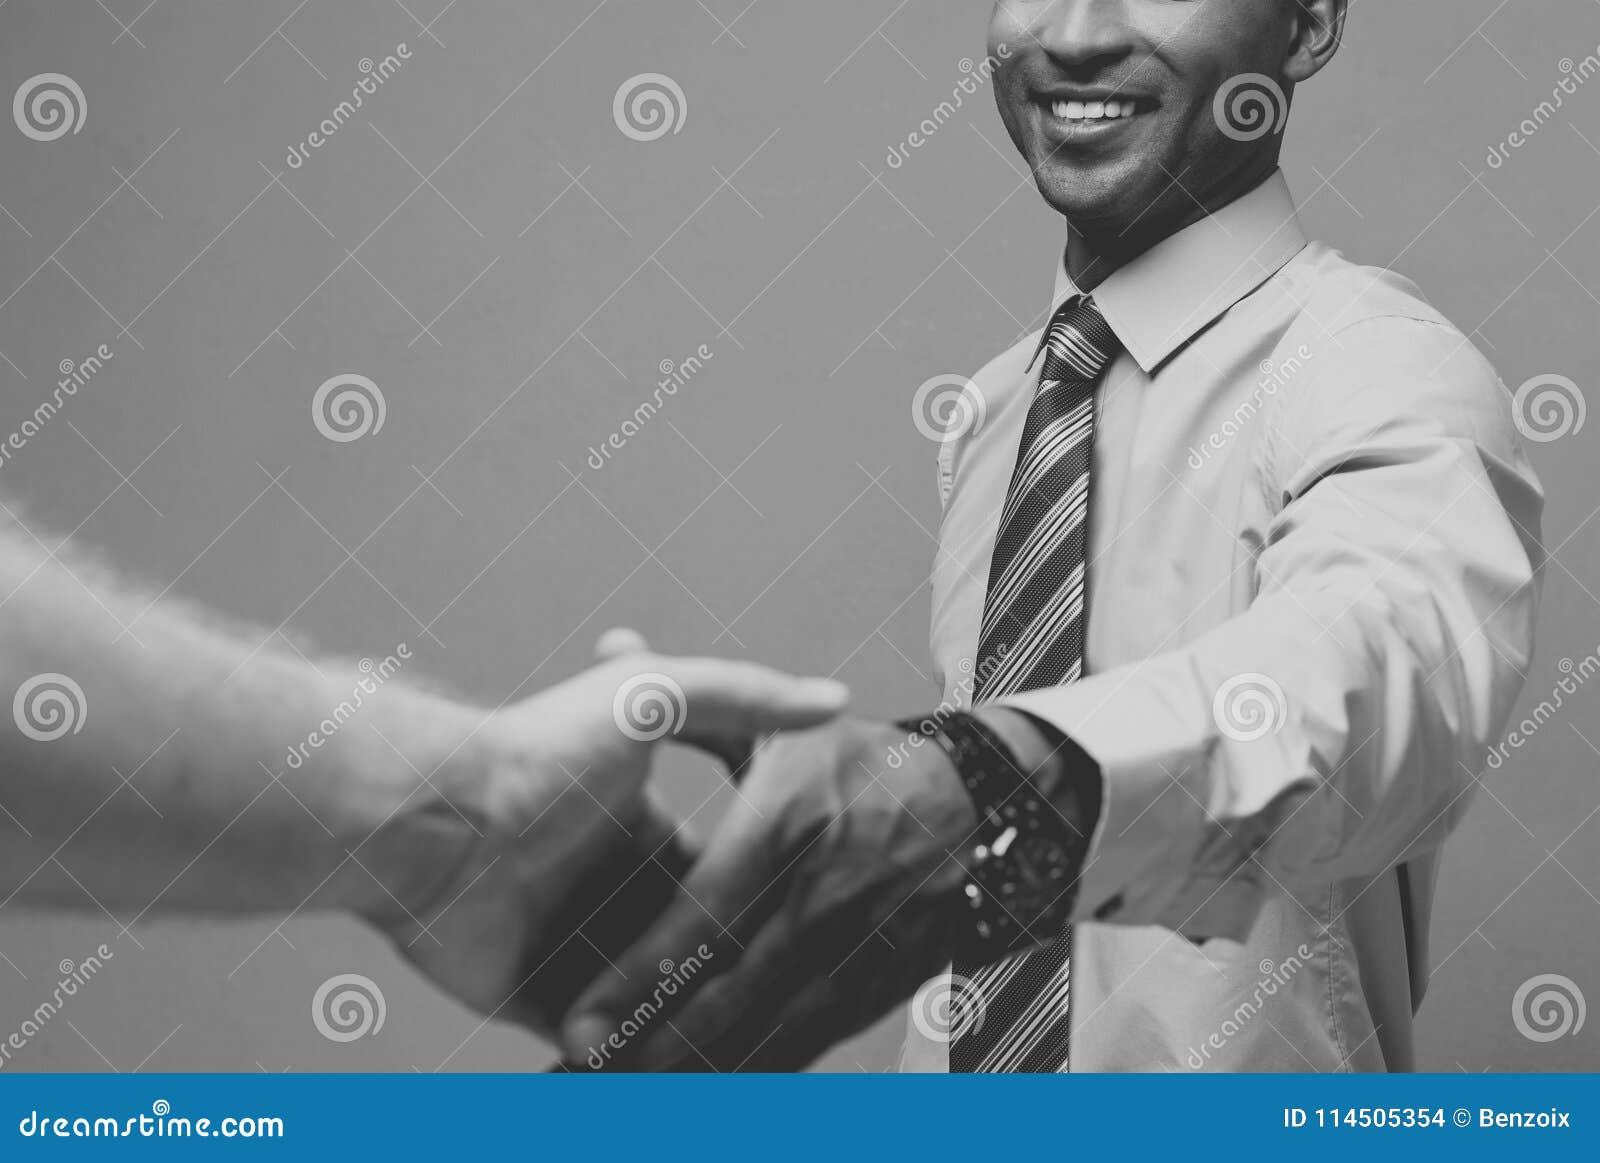 Bedrijfsconcept - Close-up van twee zekere bedrijfsmensen die handen schudden tijdens een vergadering Rebecca 36